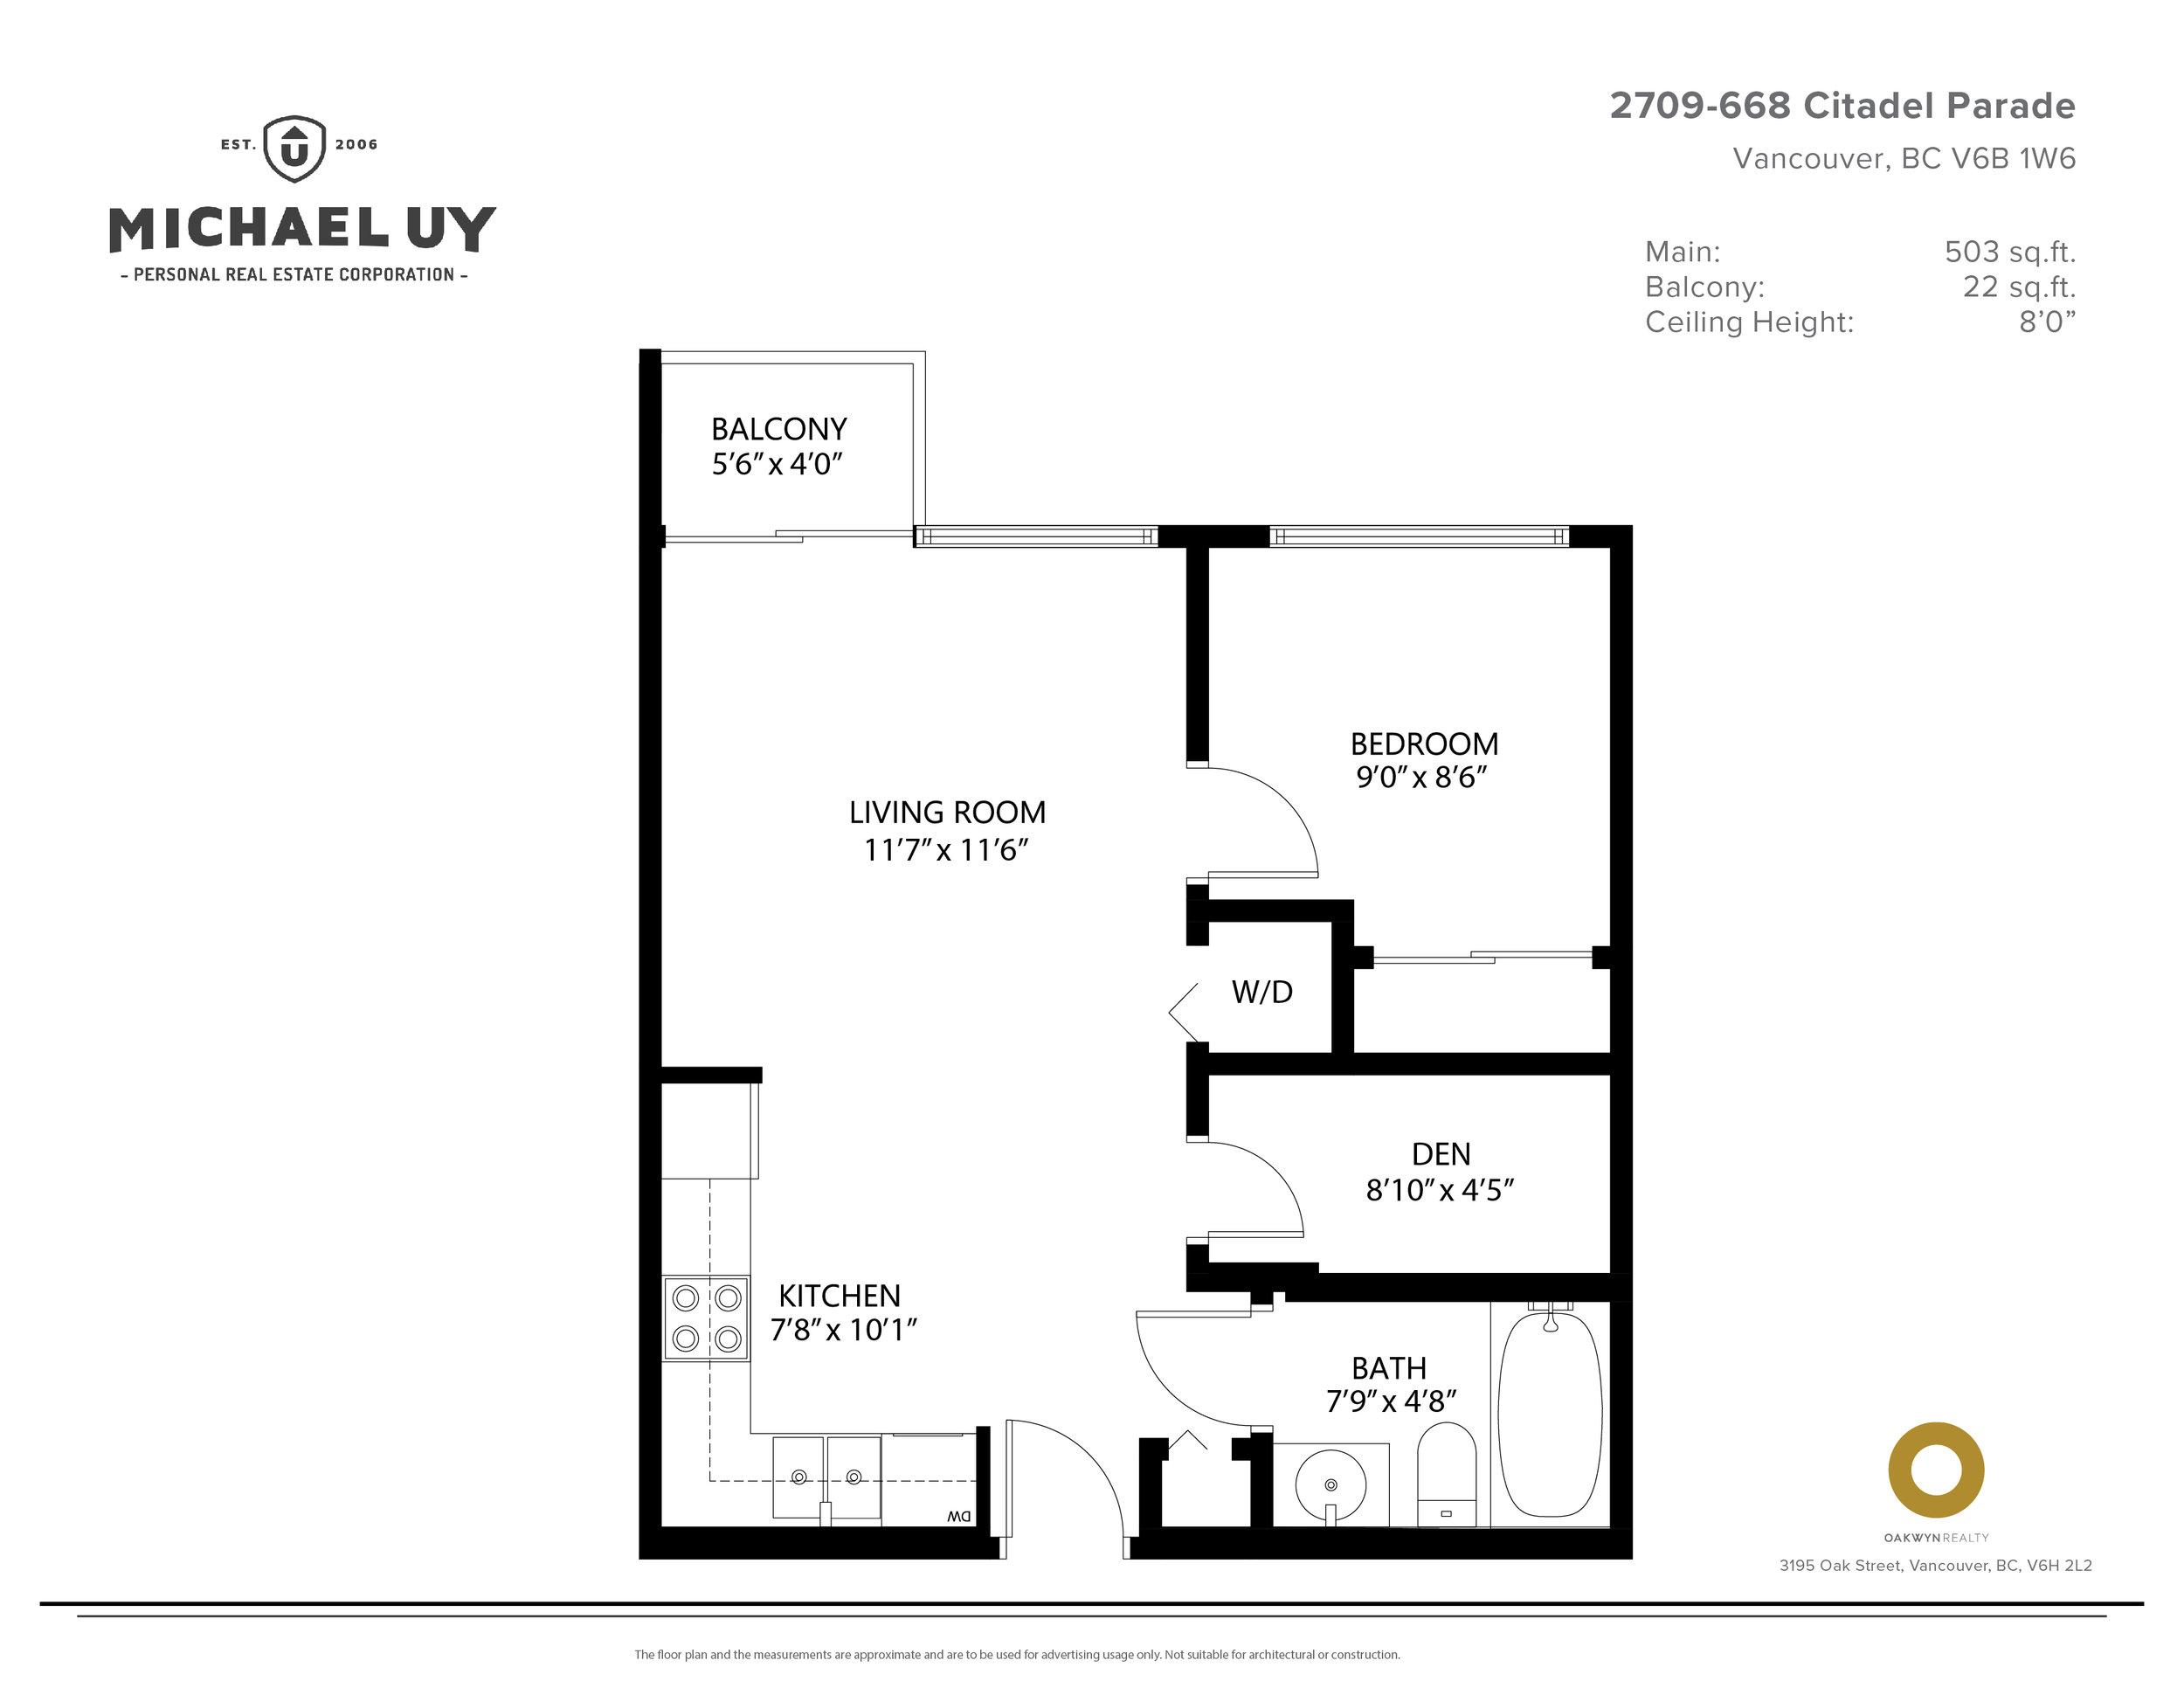 2709 688 Citadel Parade - Branded Floor Plan.jpg